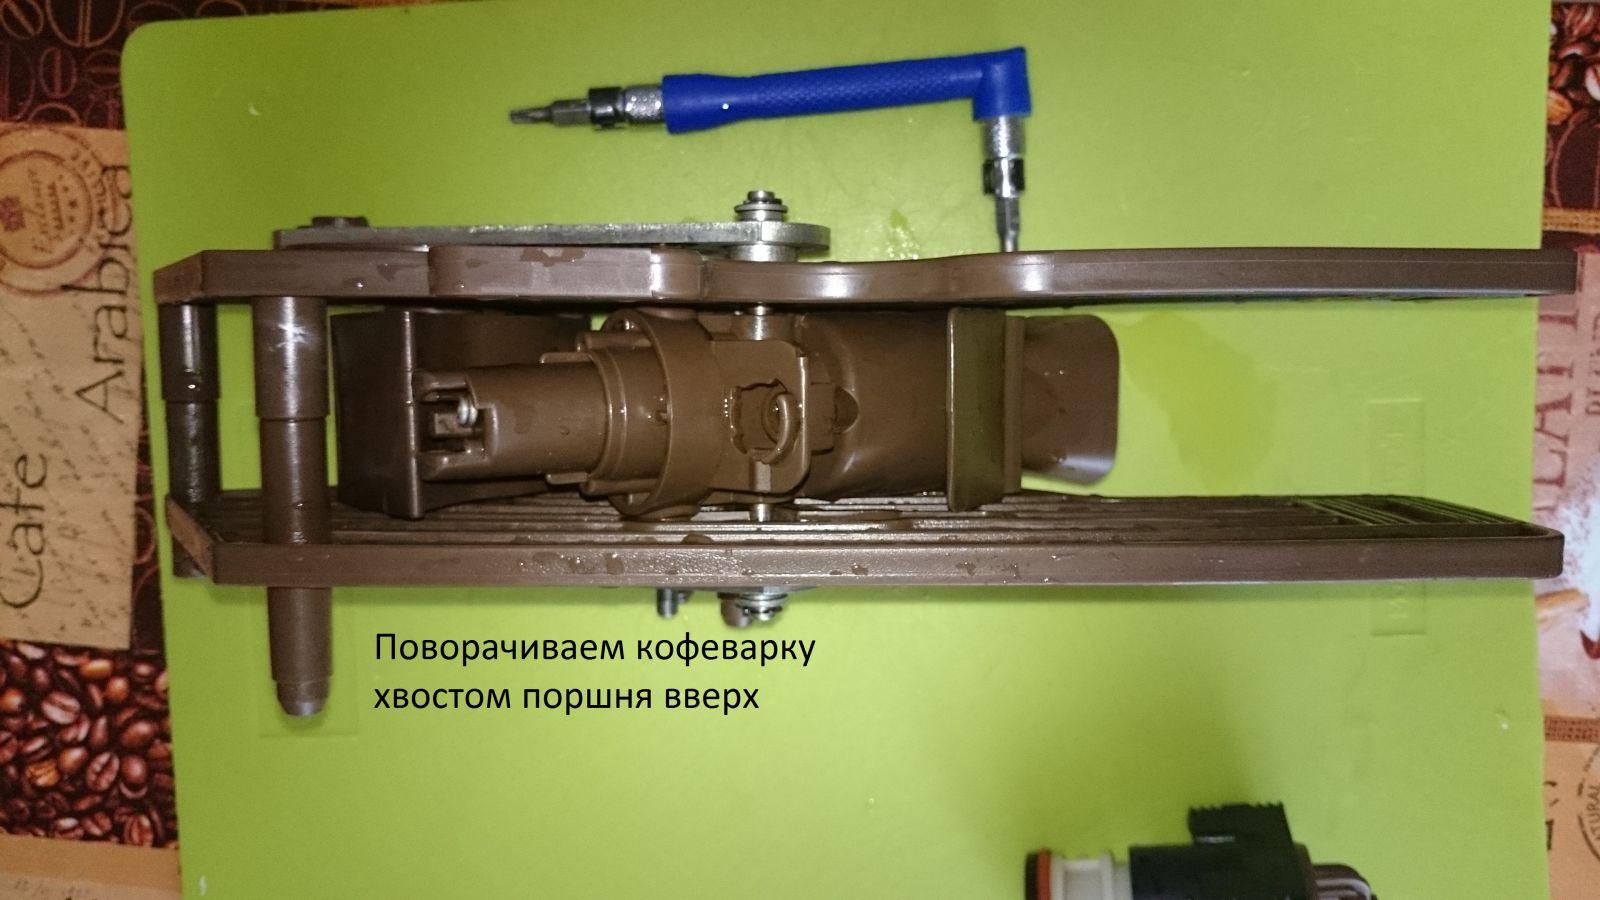 JofKV 3